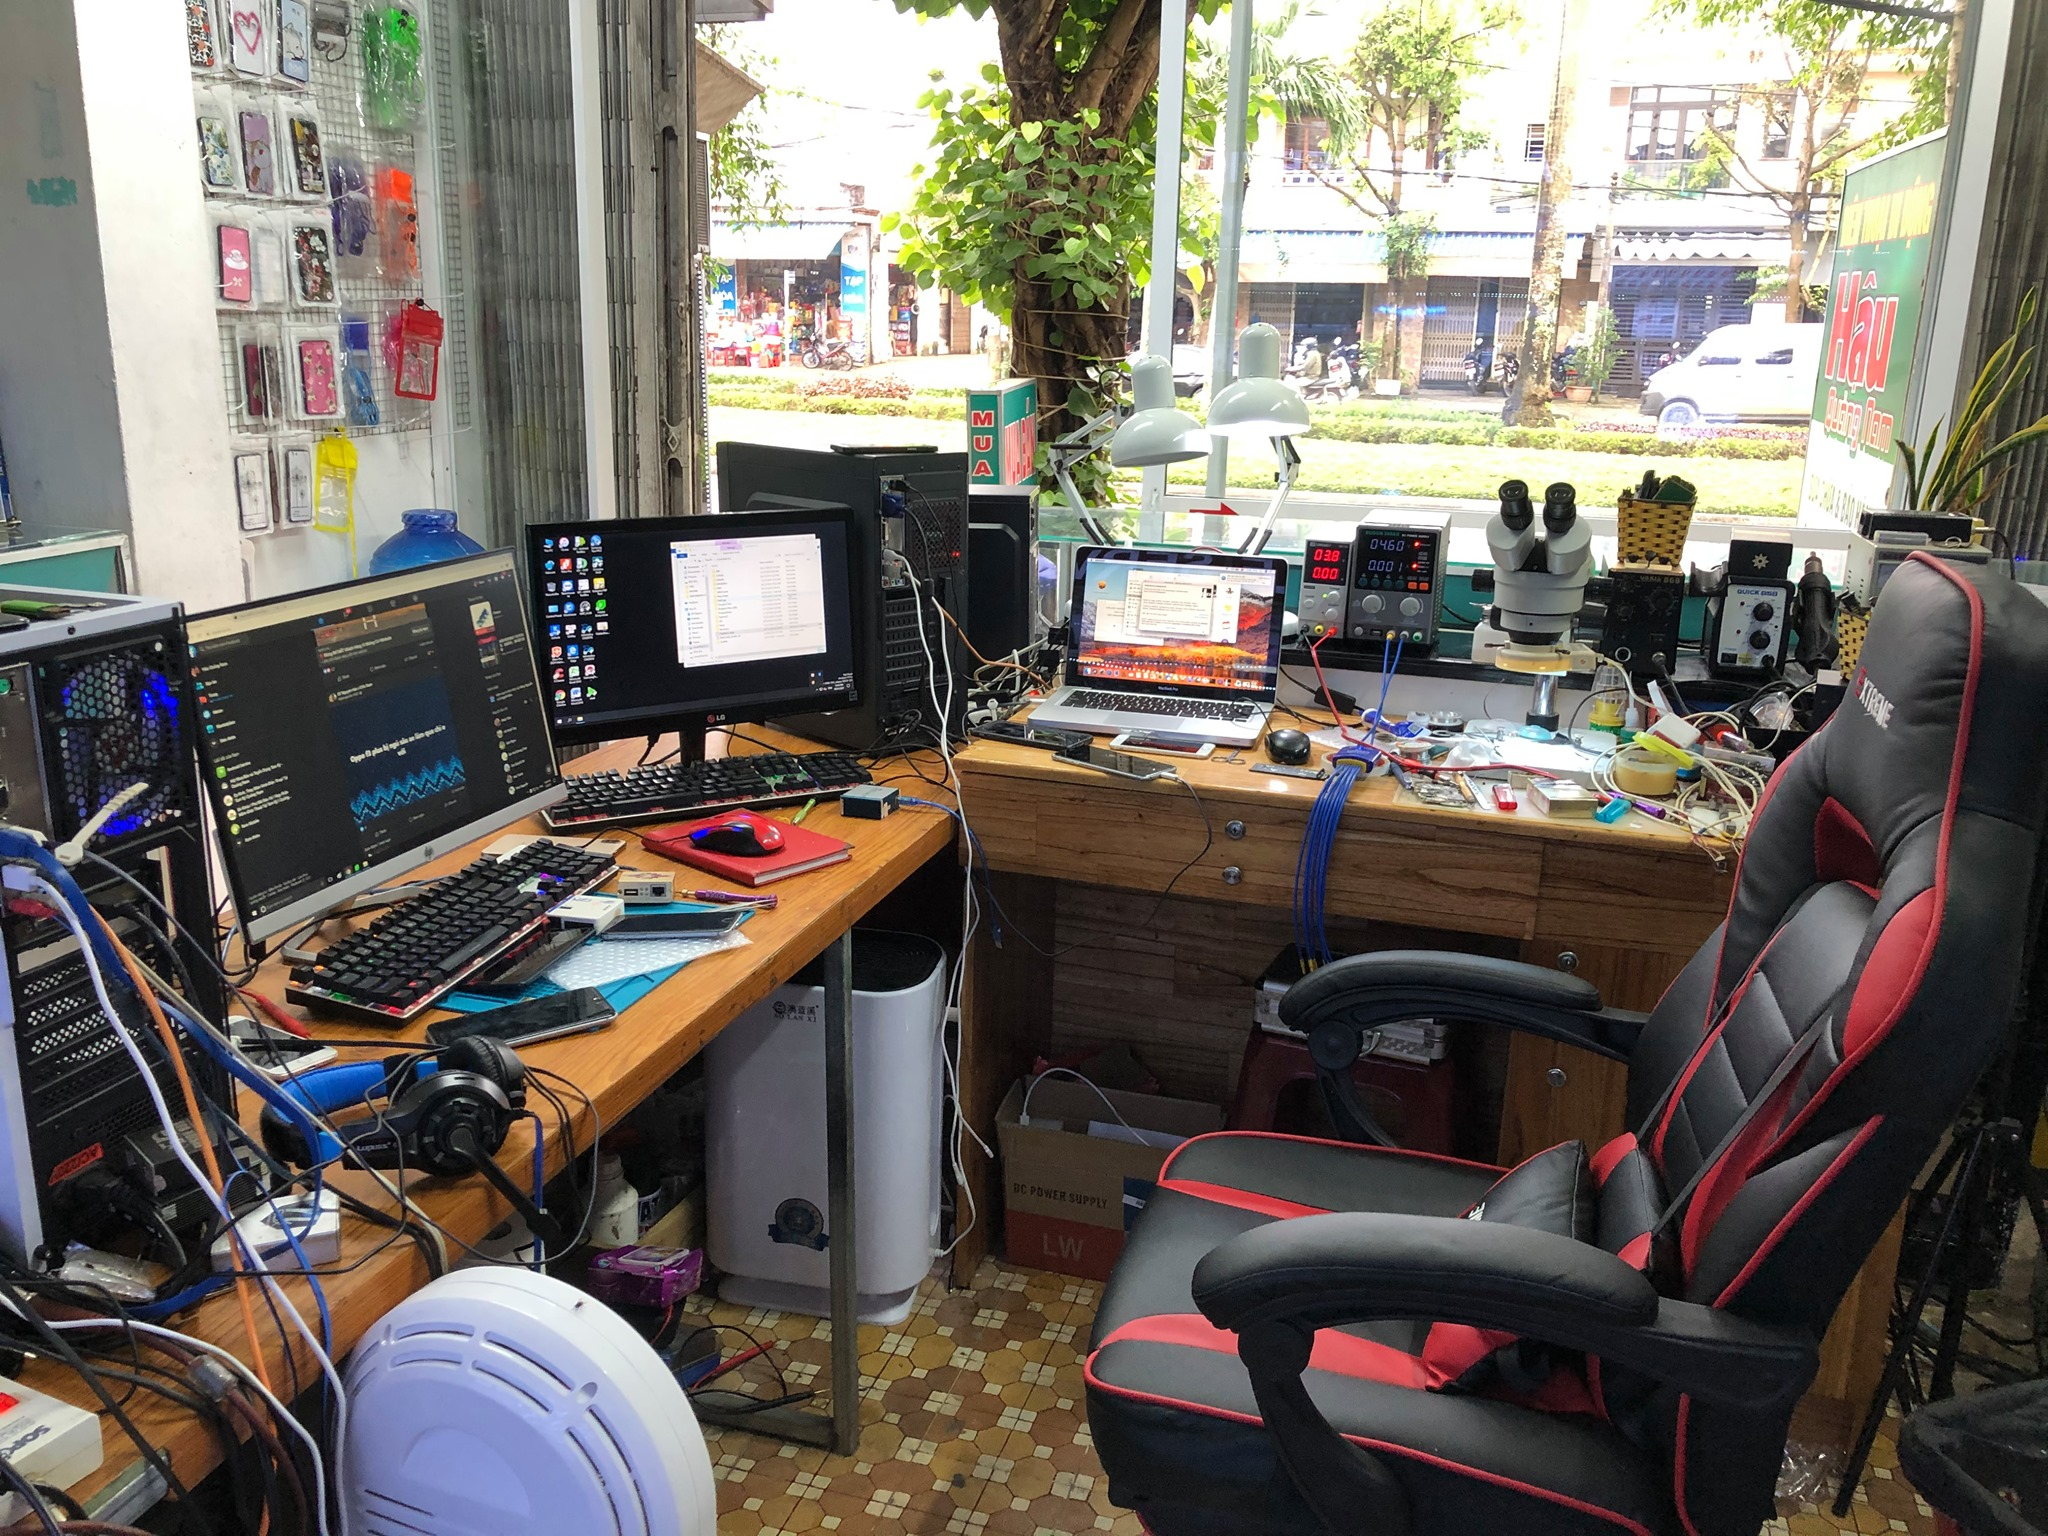 Sửa chữa điện thoại chuyên nghiệp tại Tam Kỳ - Quảng Nam